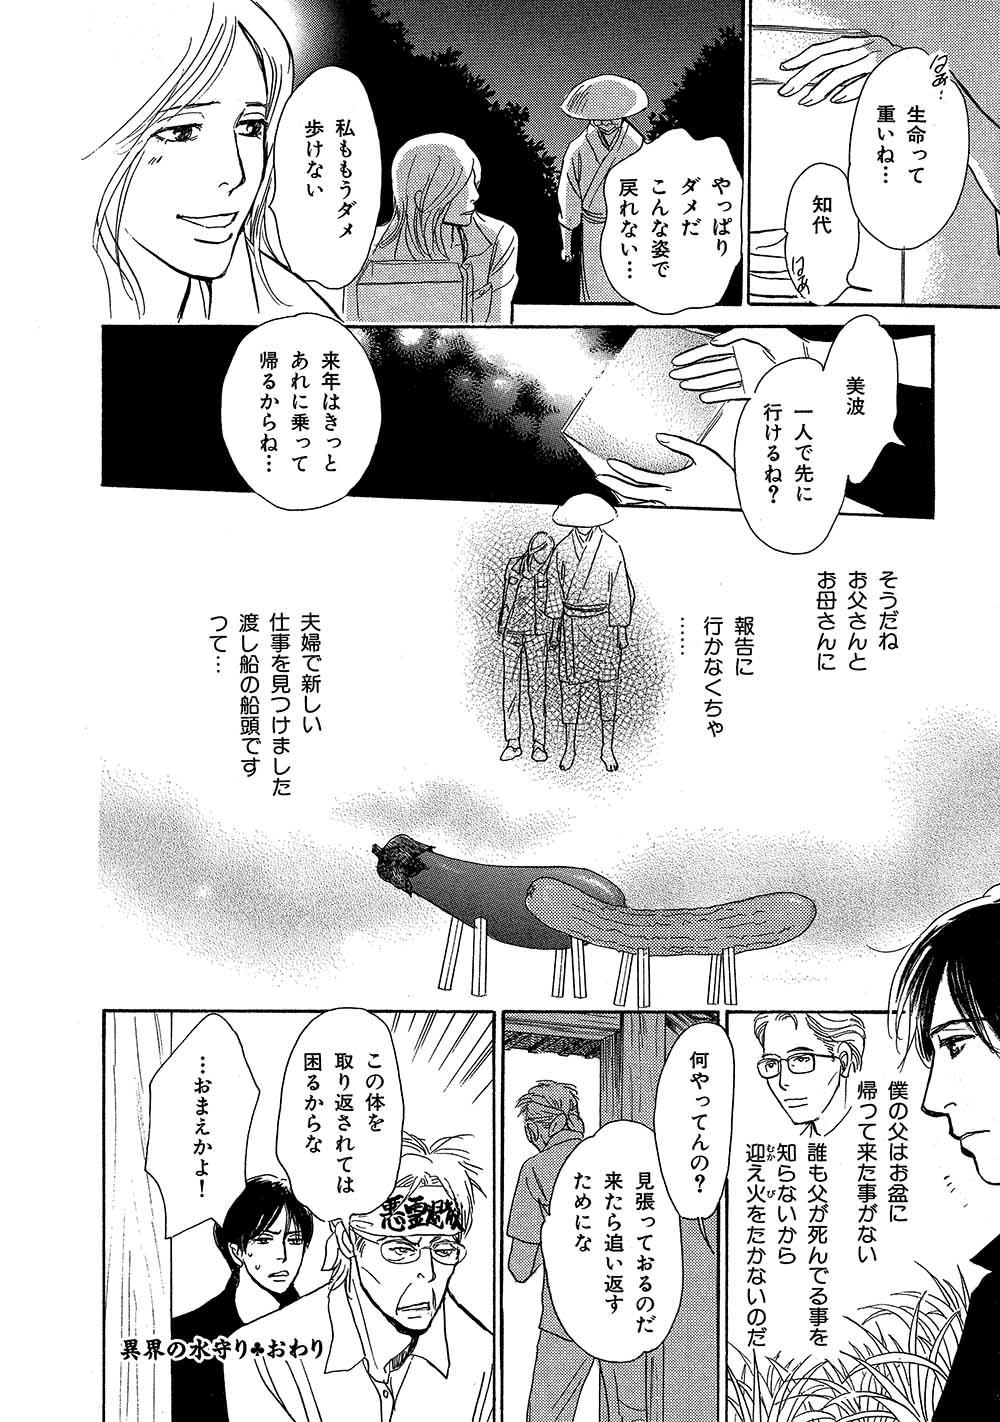 hyakki_0016_0102.jpg